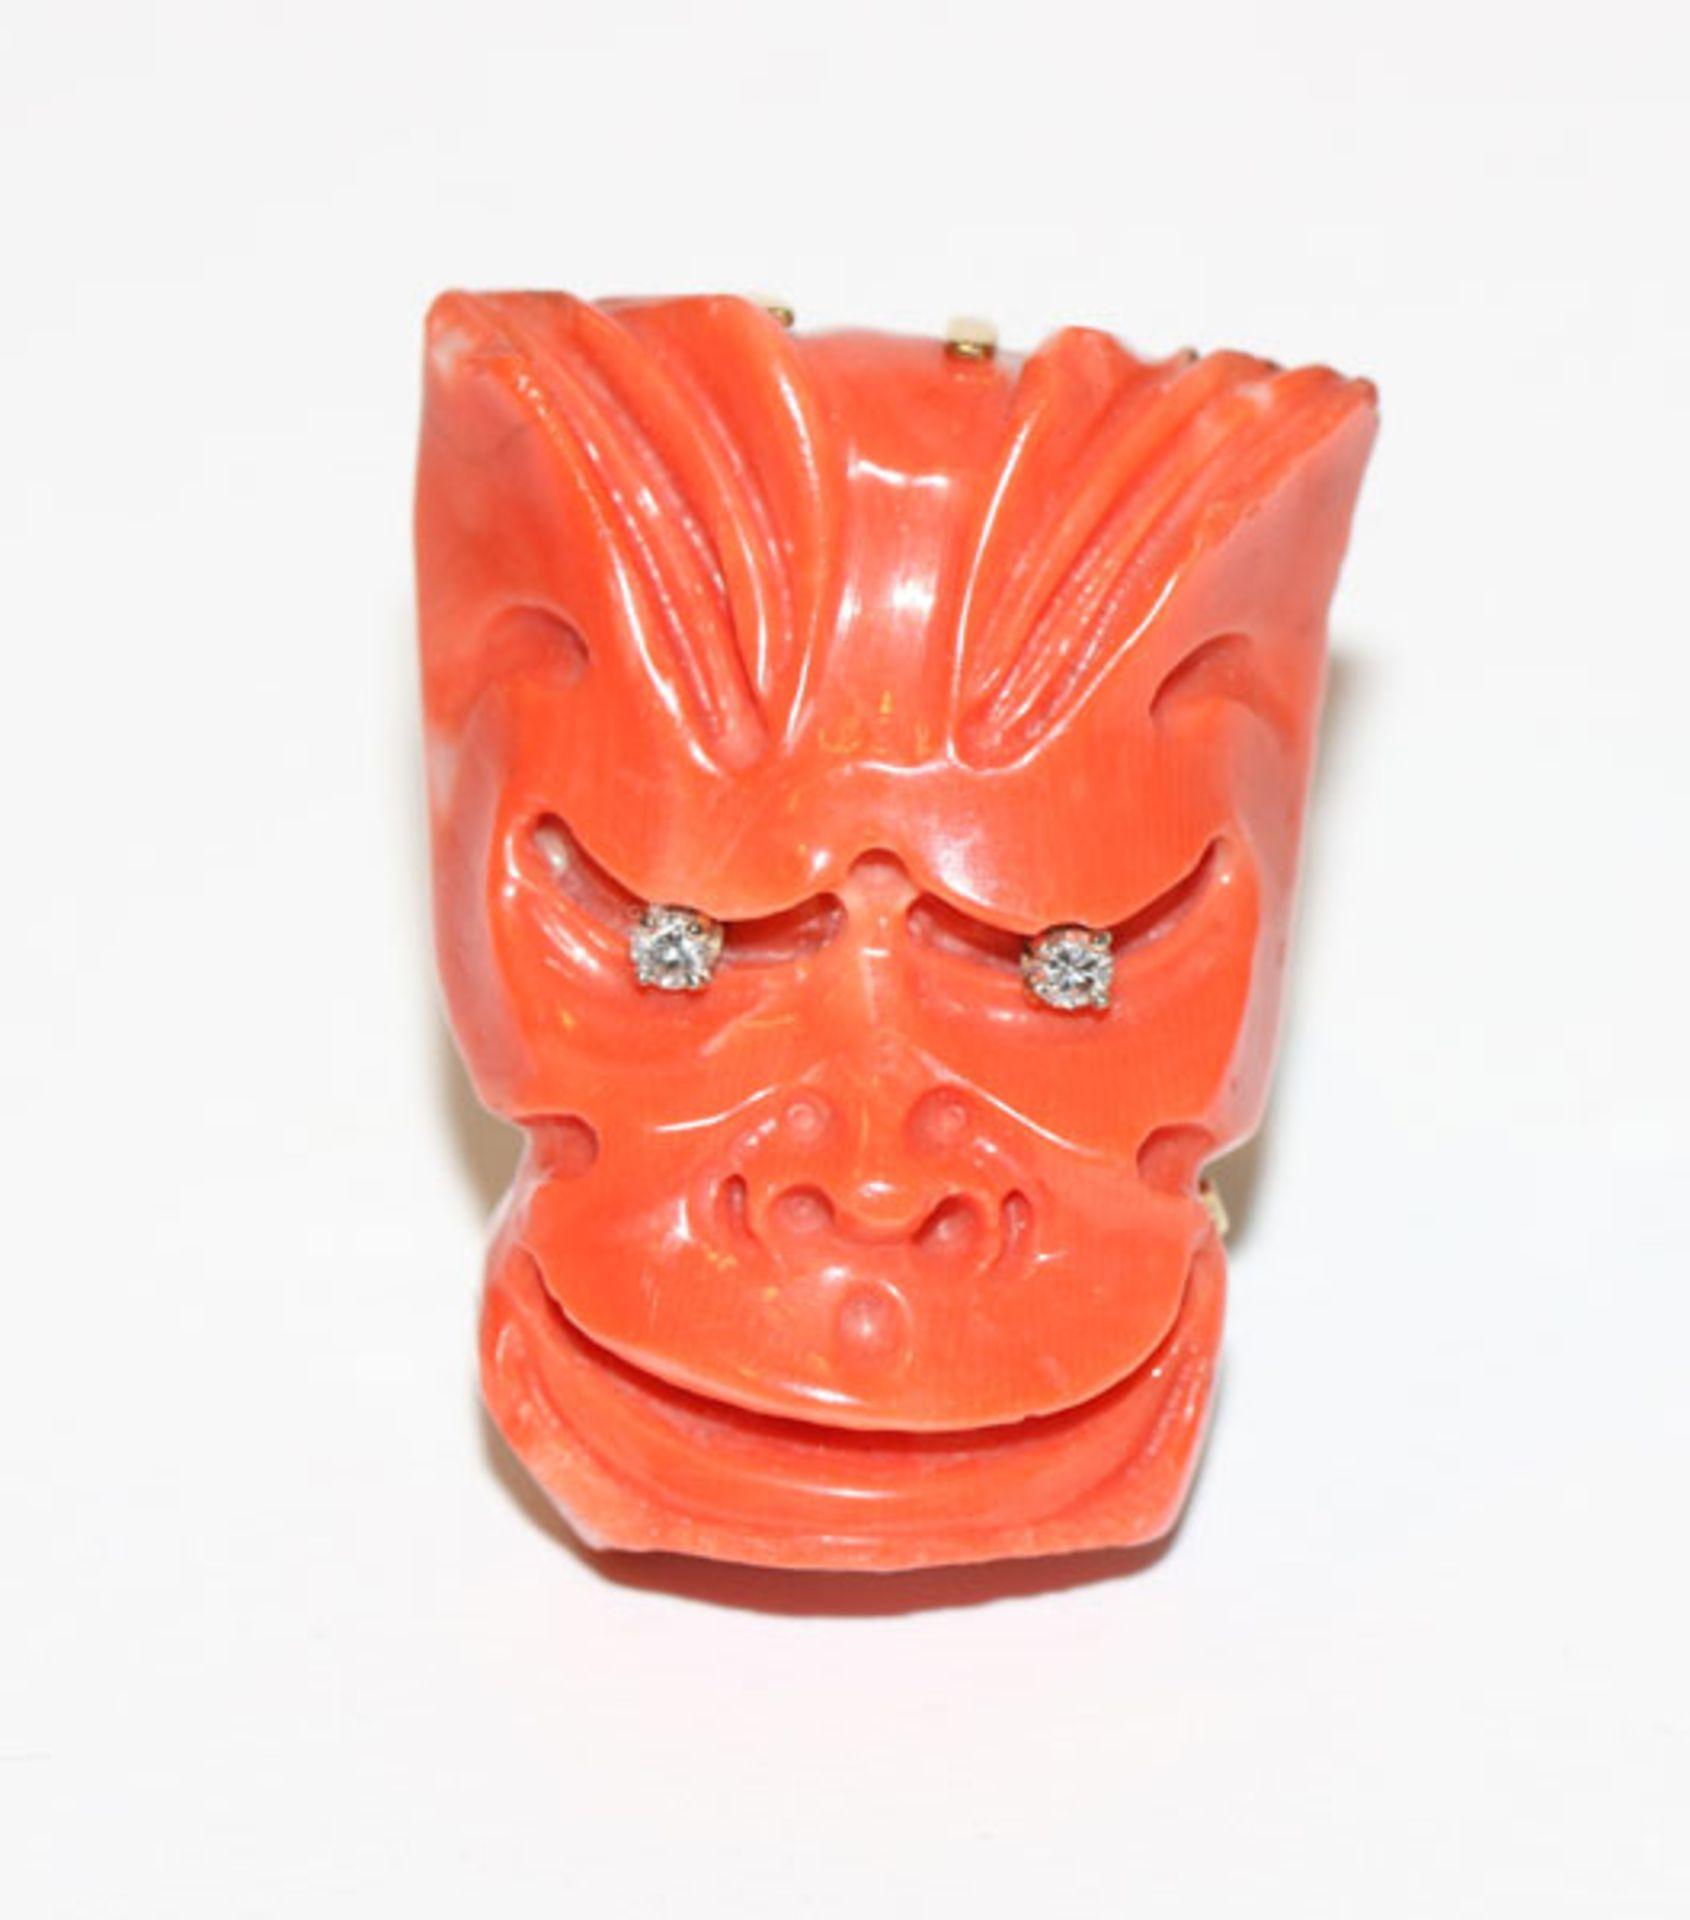 Los 35 - Ausgefallener 18 k Gelbgold Ring mit geschnitzter Koralle in Gesichtsform, Augen mit 2 Diamanten